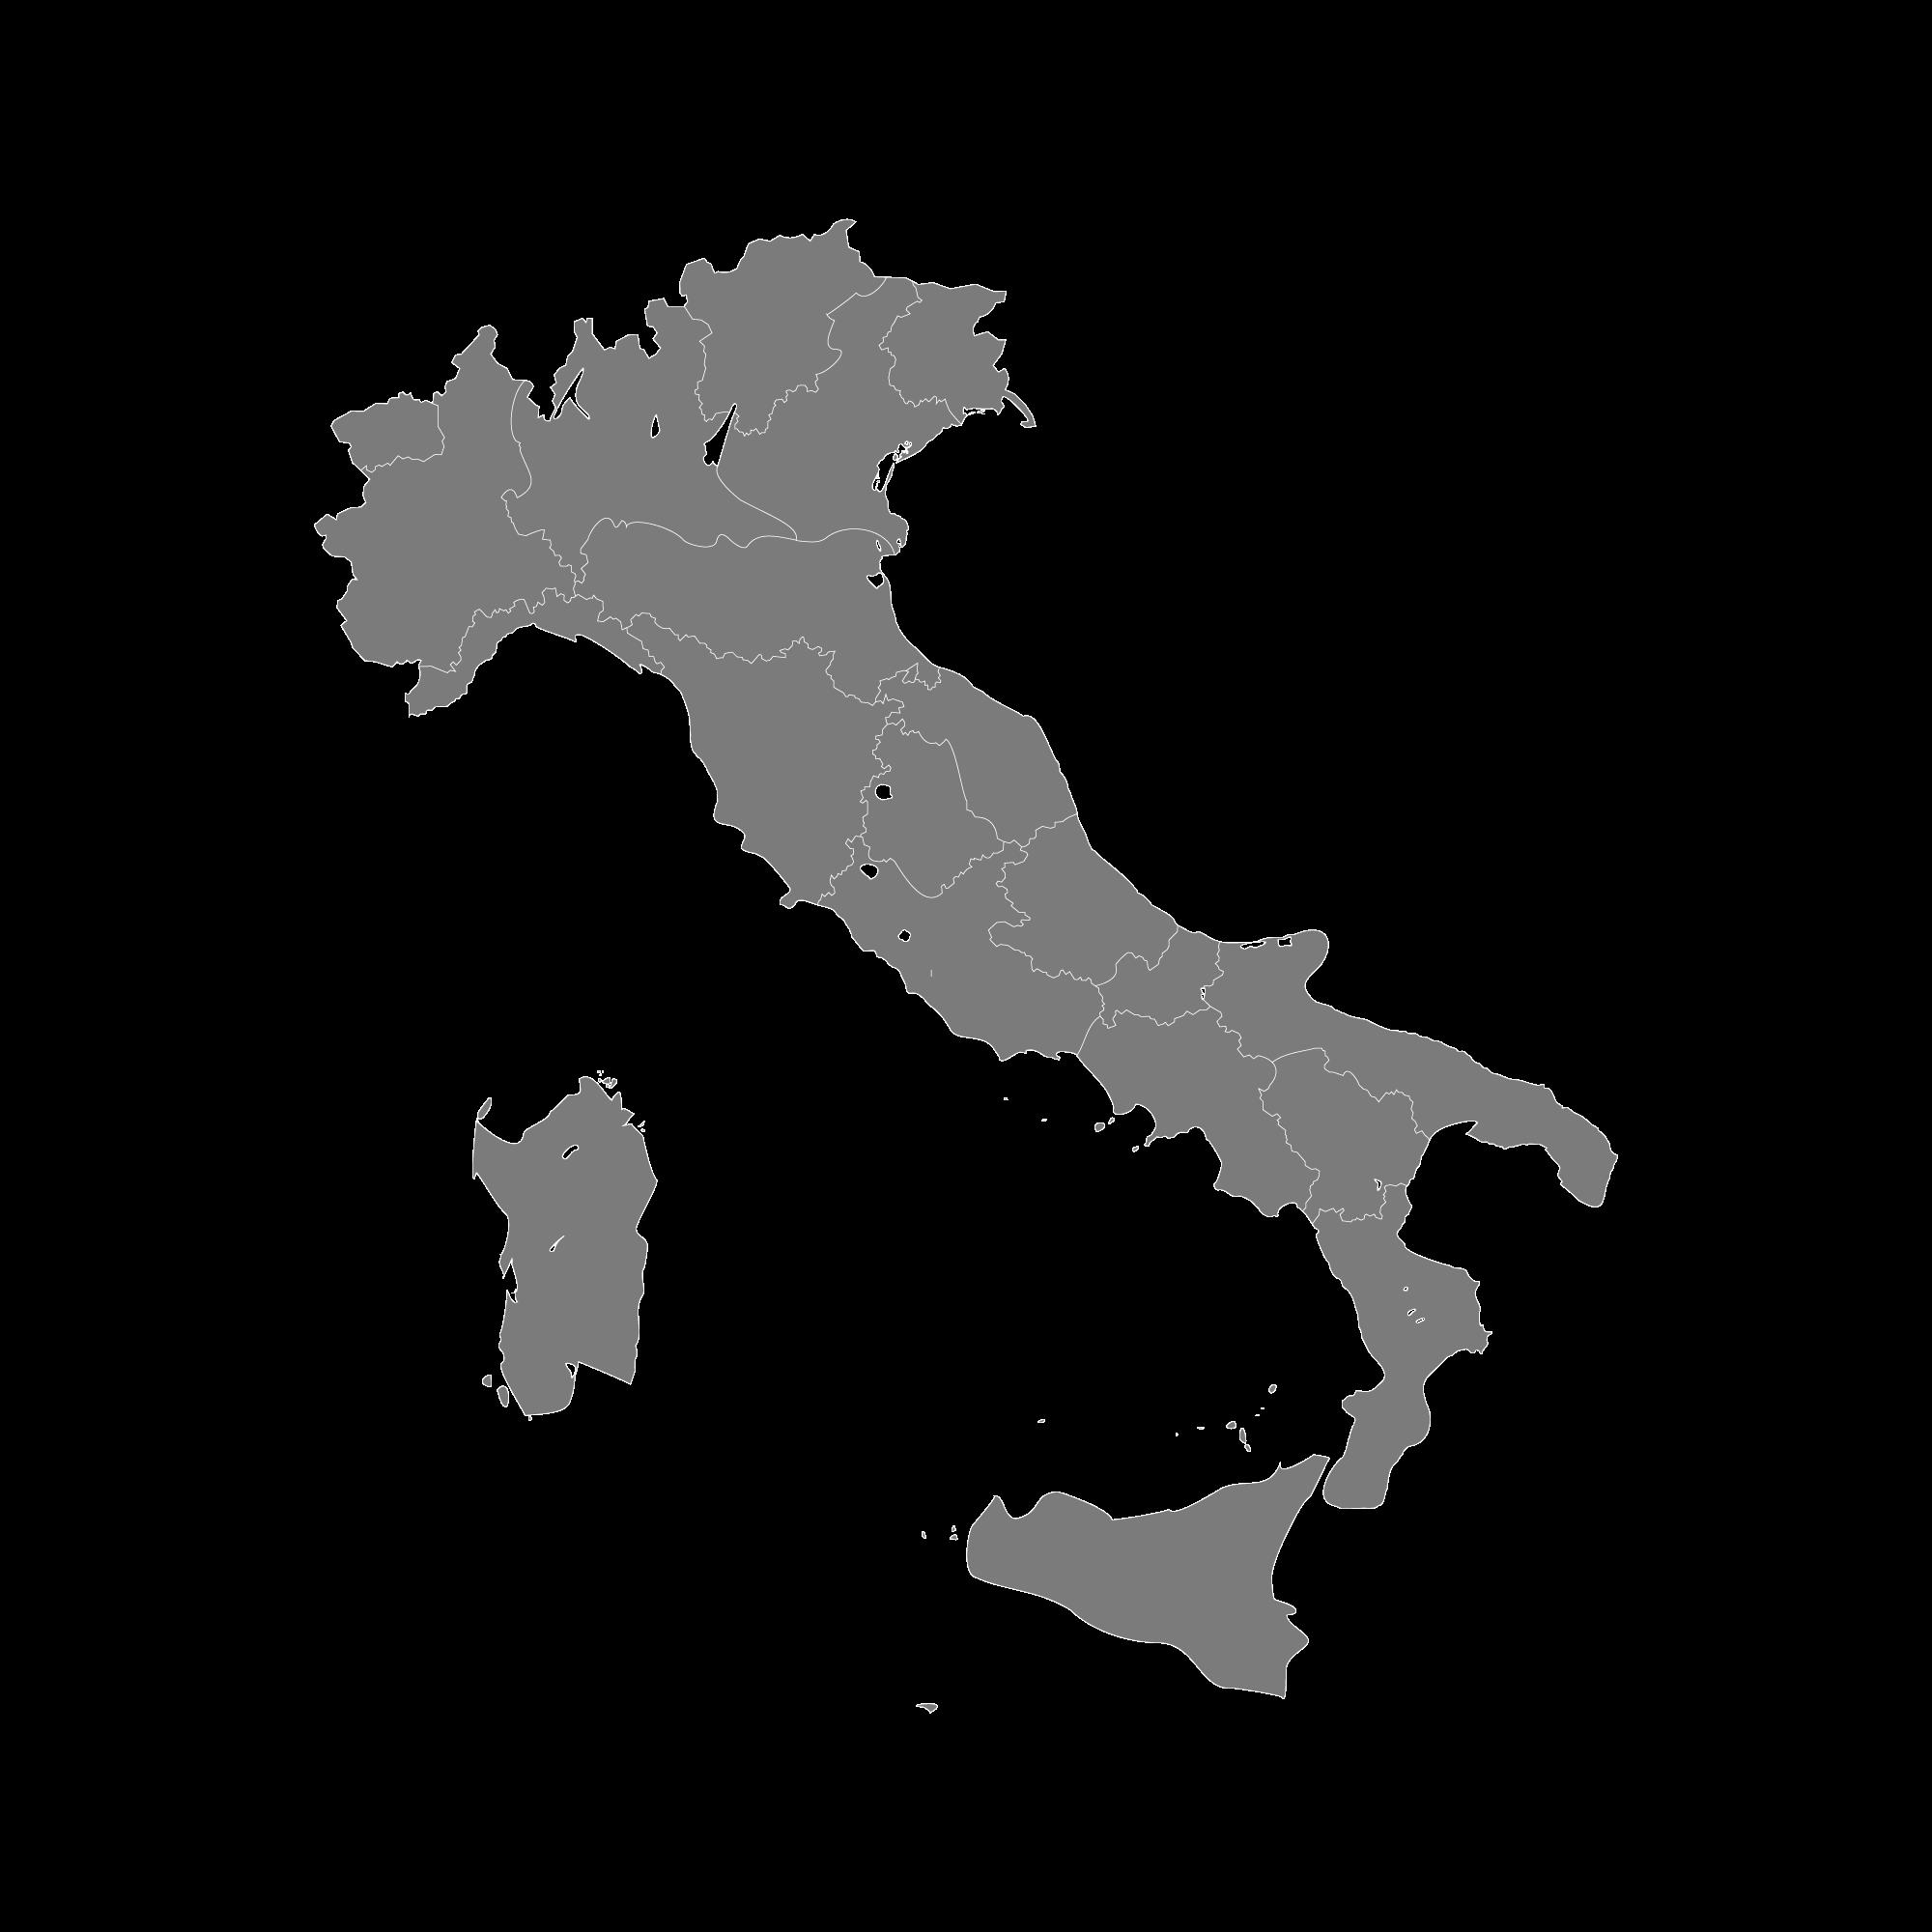 Italia, país donde realizamos envíos